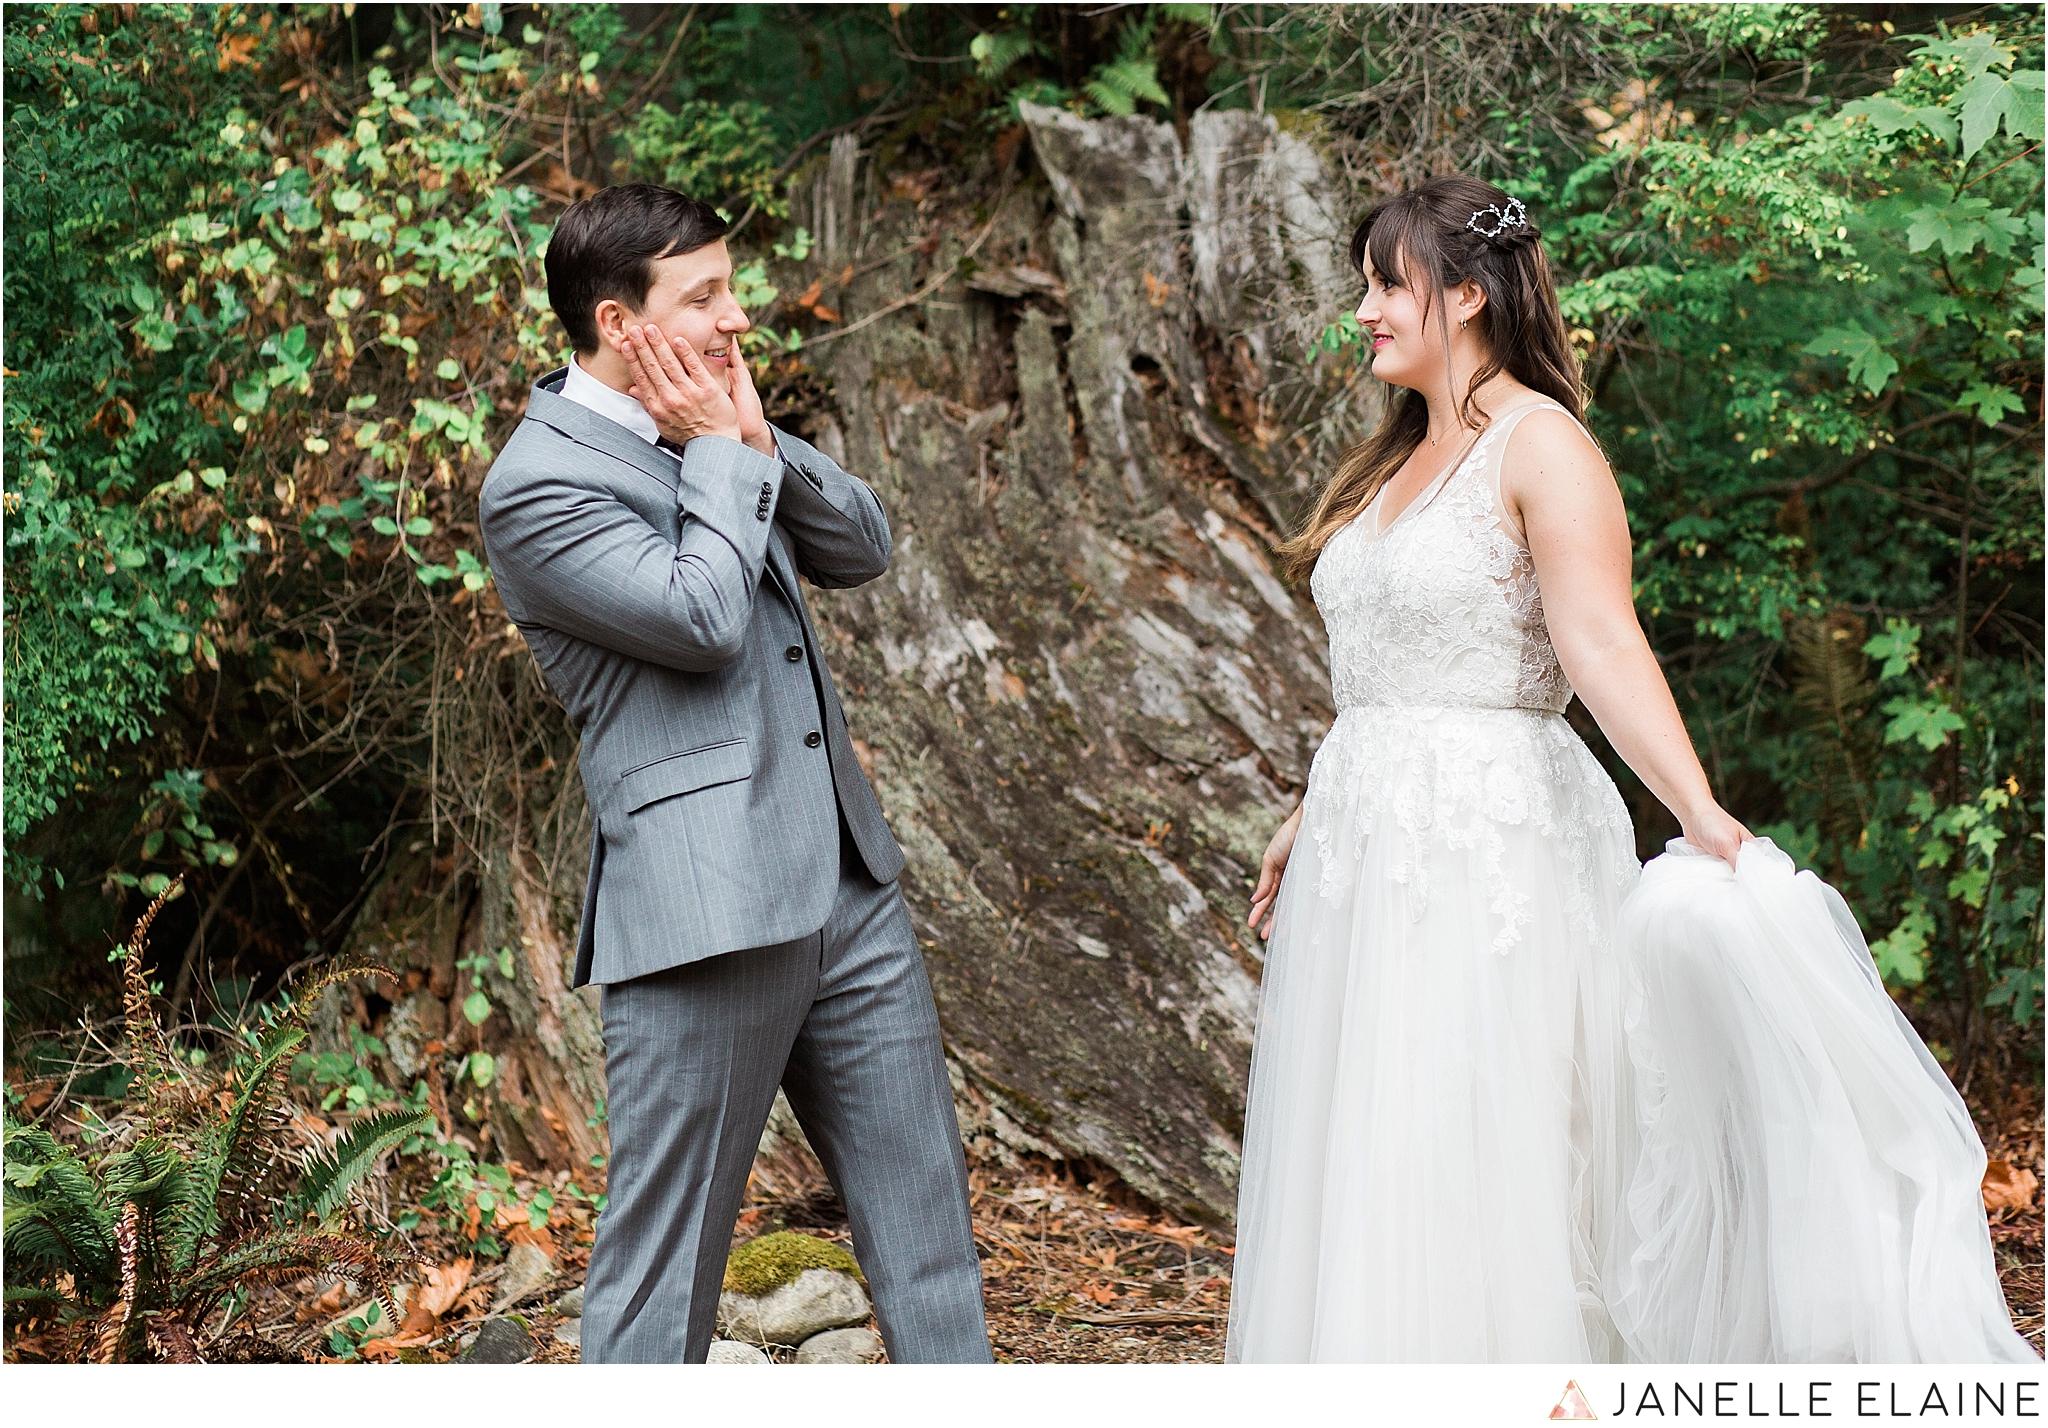 seattle-portrait-engagement-wedding-photographer-janelle-elaine-photography-22.jpg